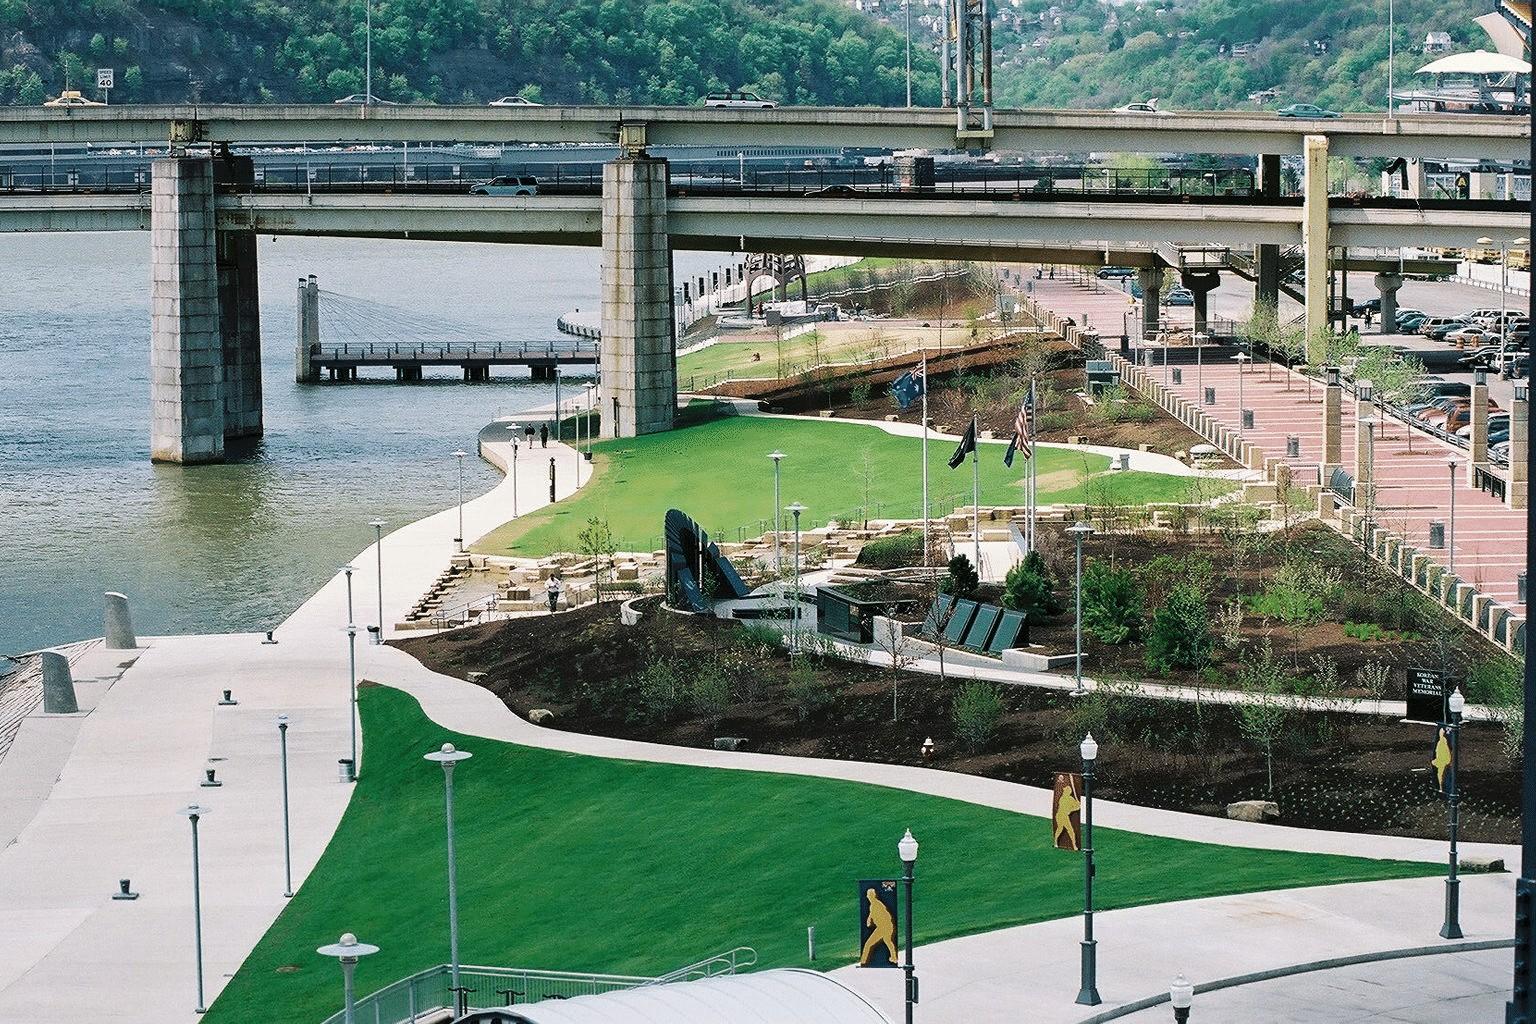 North Shore Riverfront Park